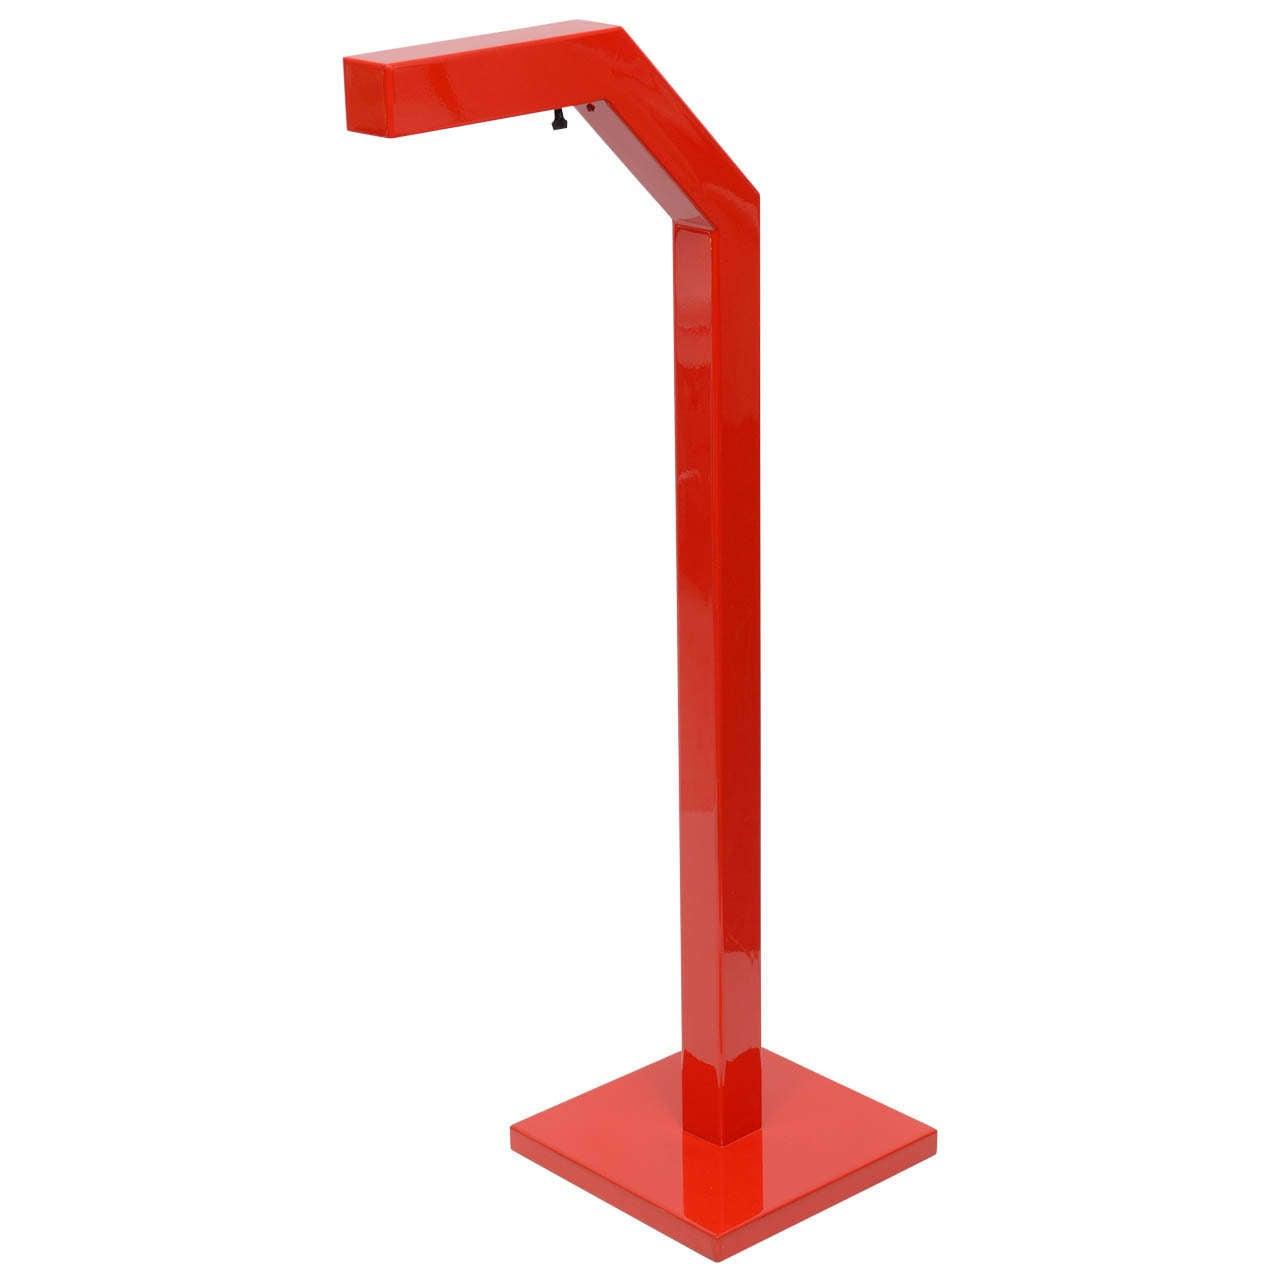 modernist red floor lamp at stdibs - modernist red floor lamp